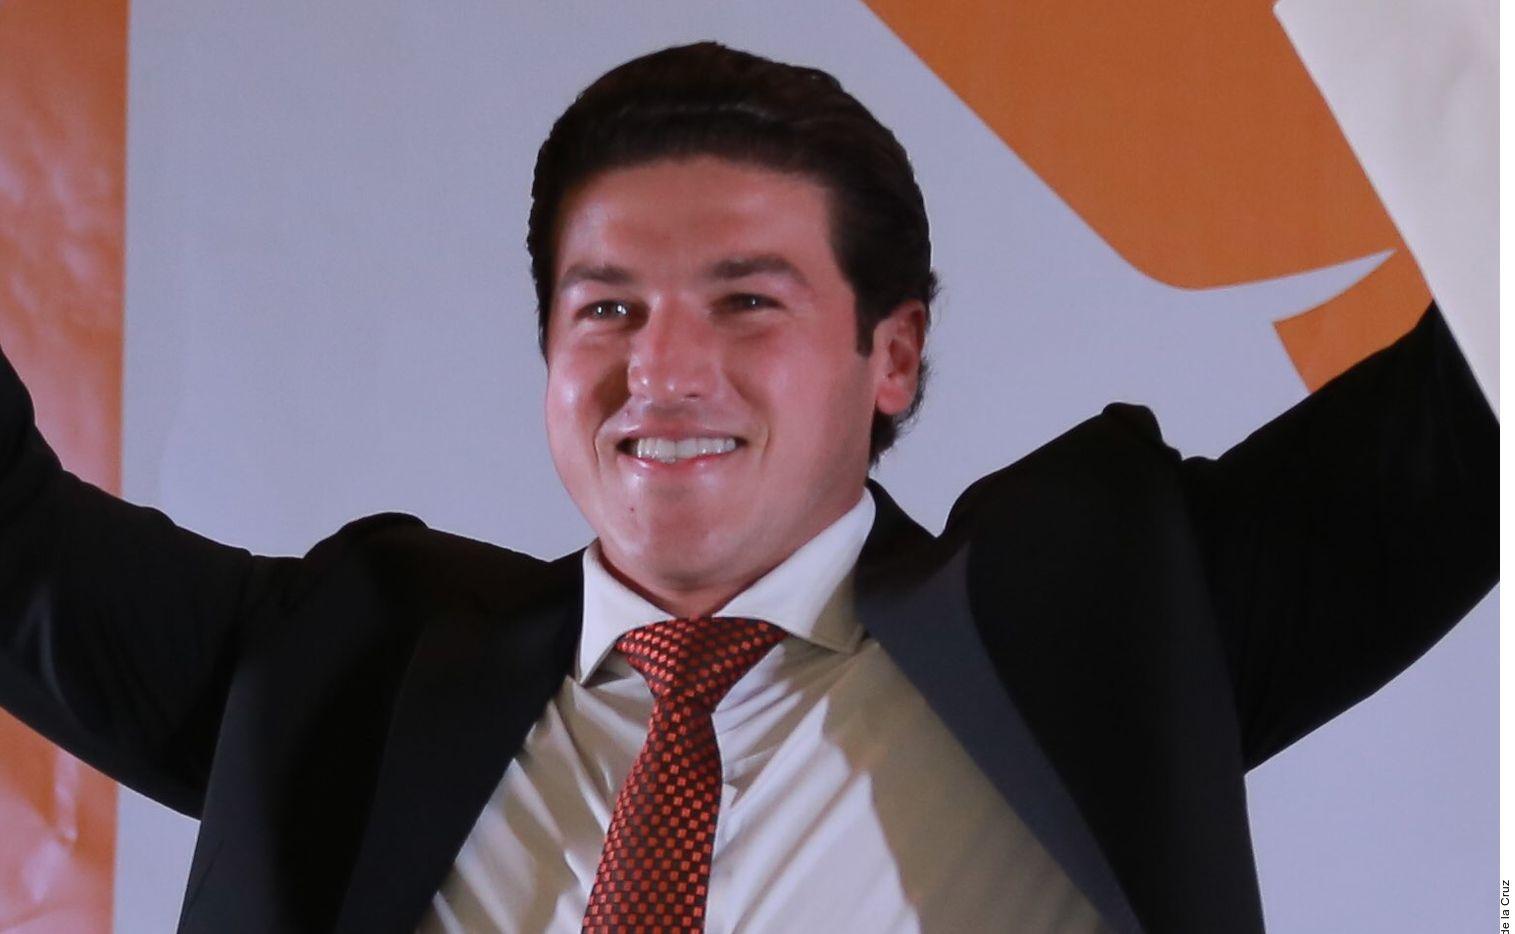 Samuel García celebró el domingo con su esposa, Mariana Rodríguez, y miles de simpatizantes su triunfo en las elecciones para gobernador de Nuevo León en la Explanada de los Héroes